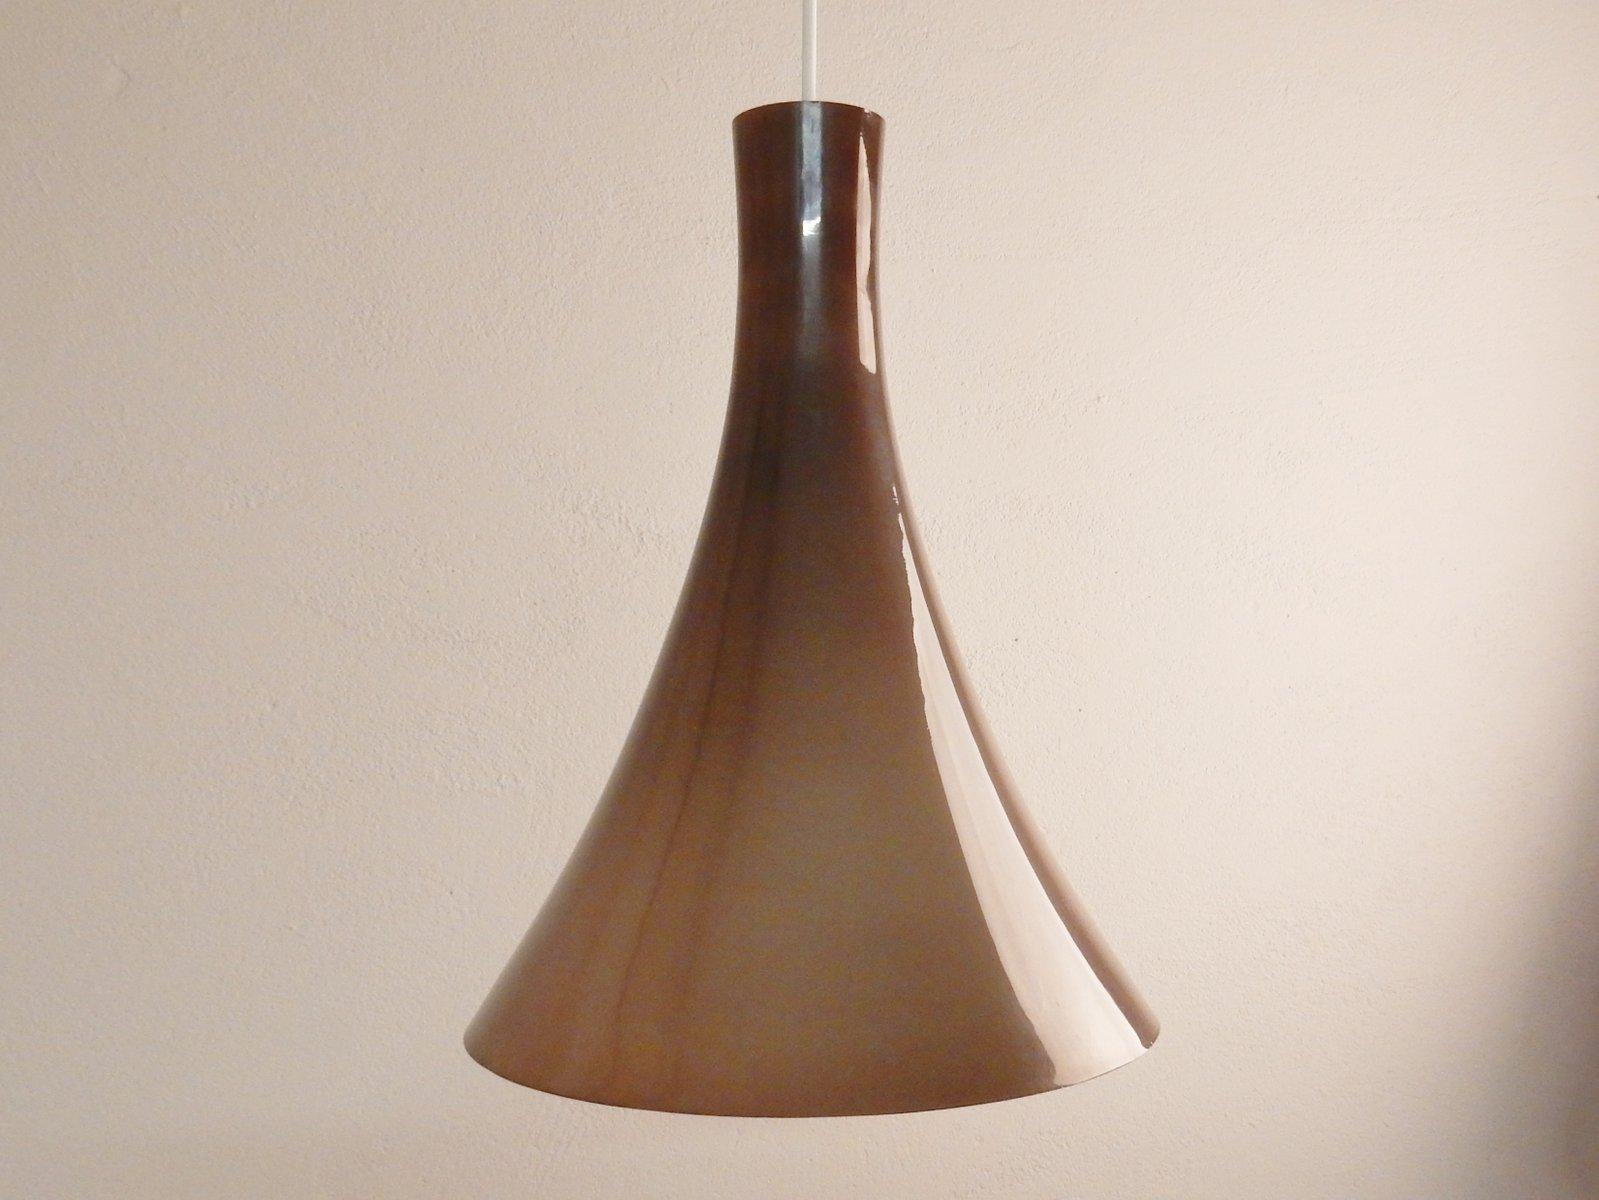 Lampade A Sospensione Vintage : Lampada a sospensione vintage in vetro in vendita su pamono